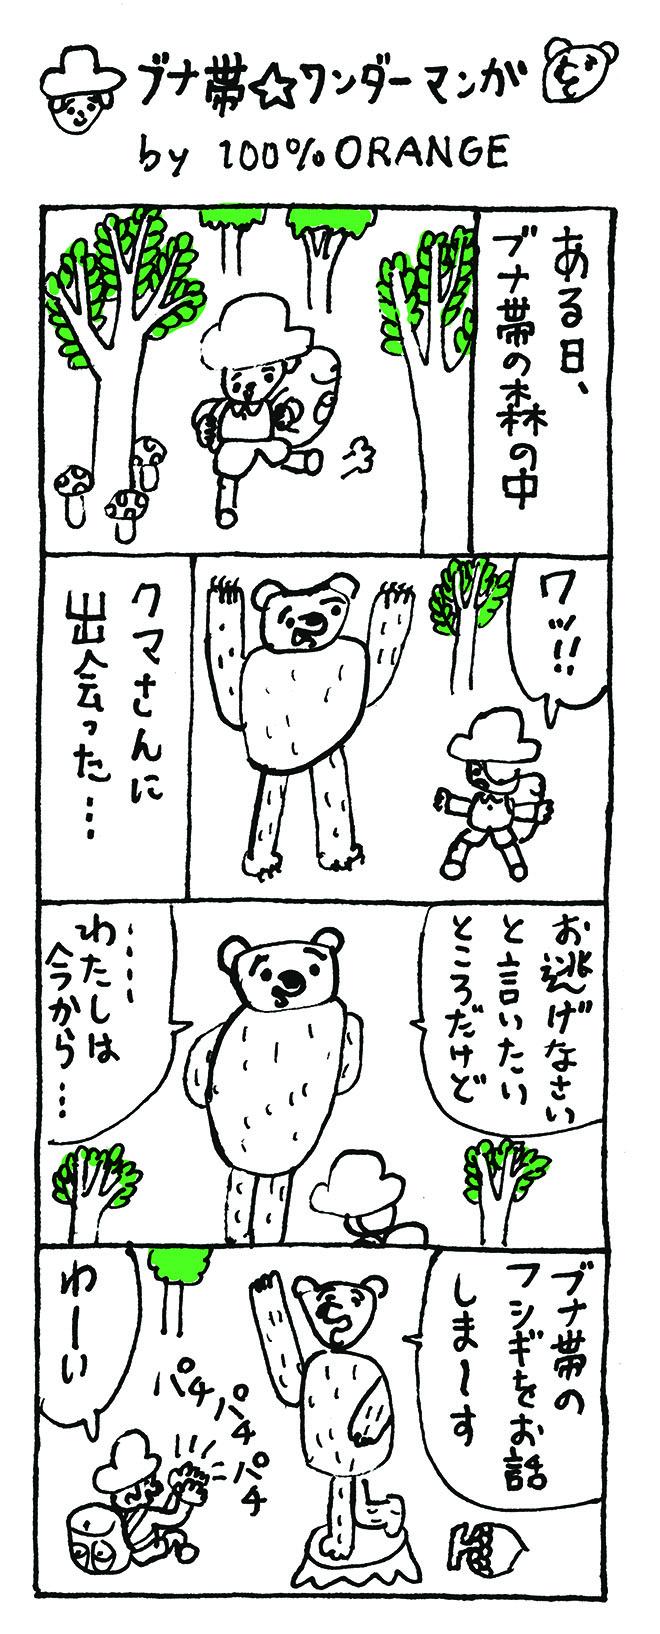 人類の旅とブナとの出会いのヒストリー /1 0 0%O R A N G E(イラスト・マンガ)